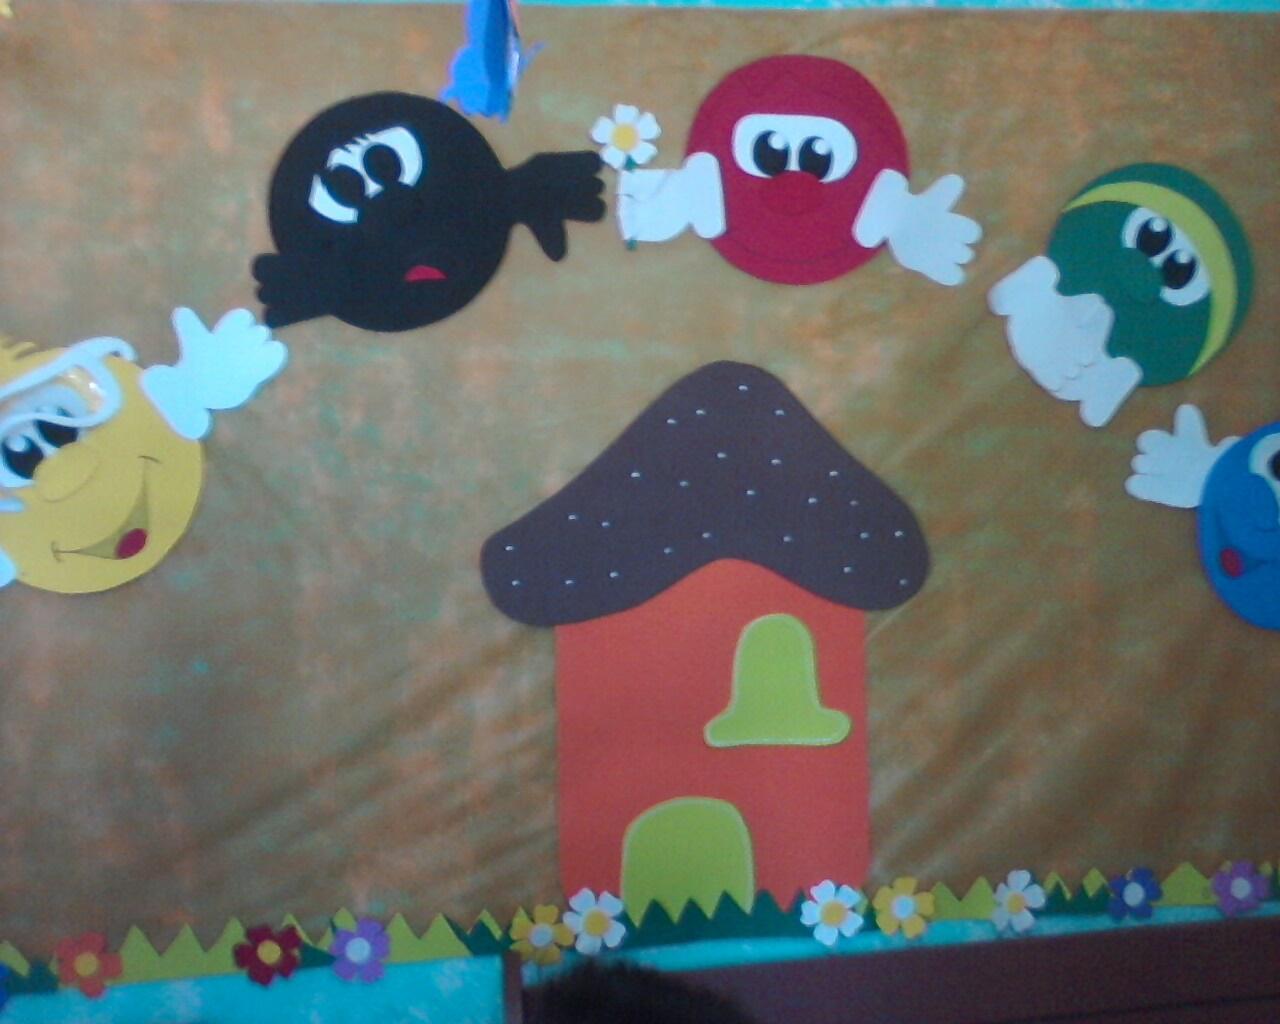 decoracao de sala infantil escola dominical : decoracao de sala infantil escola dominical: Pinturas e Escolinha Bíblica: Decoração Sala Escola Dominical